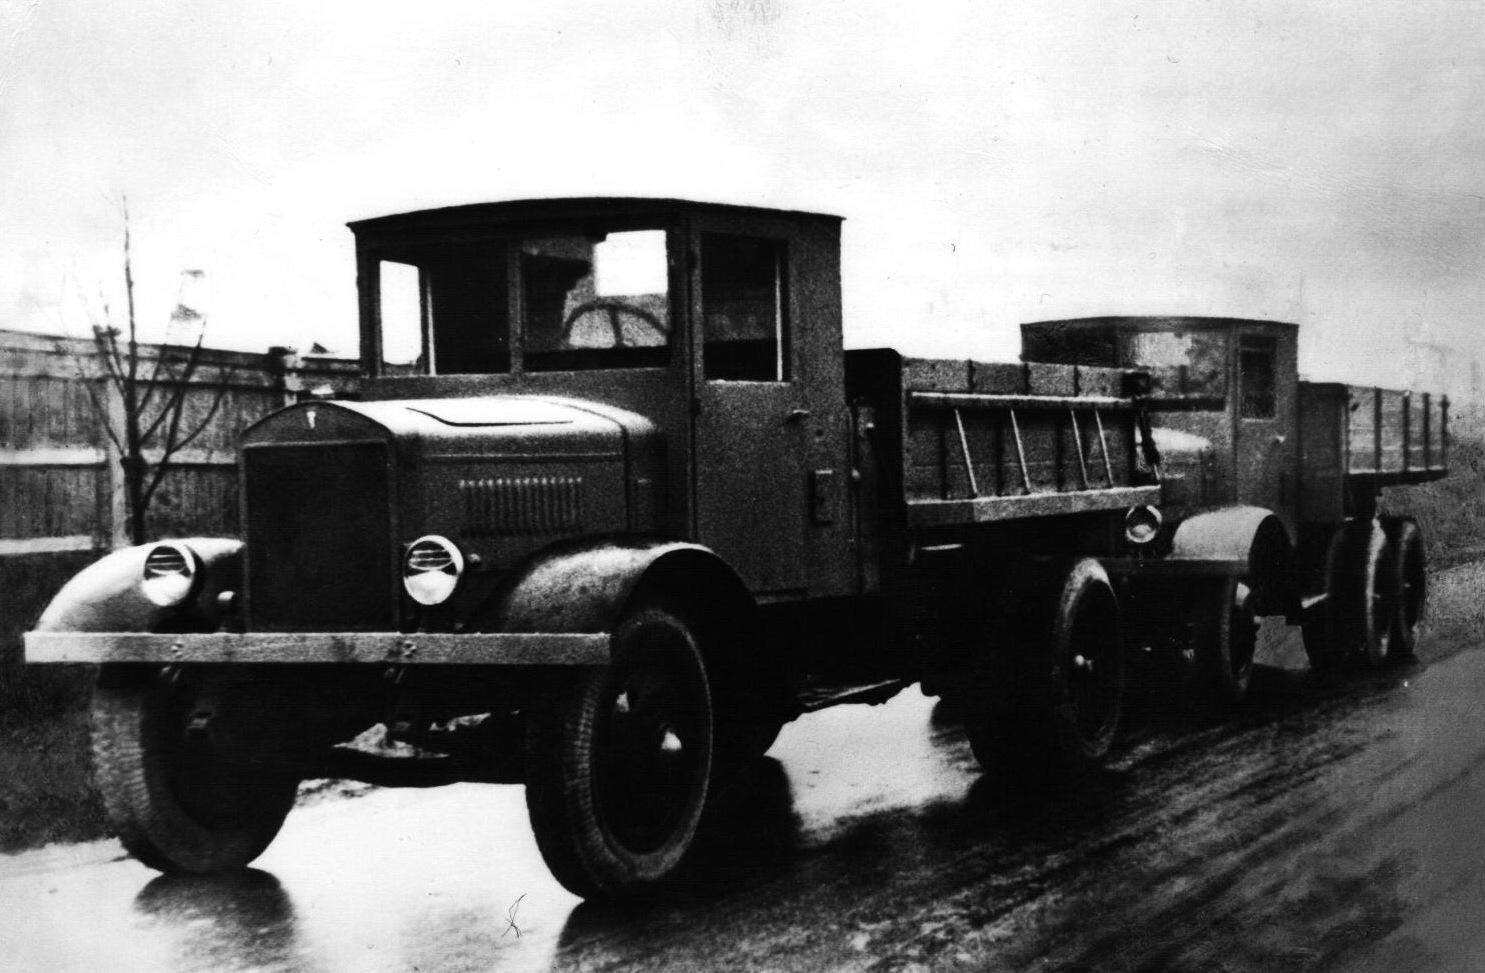 ЯС-1 (1935-1936) Первый советский самосвал серийного производства